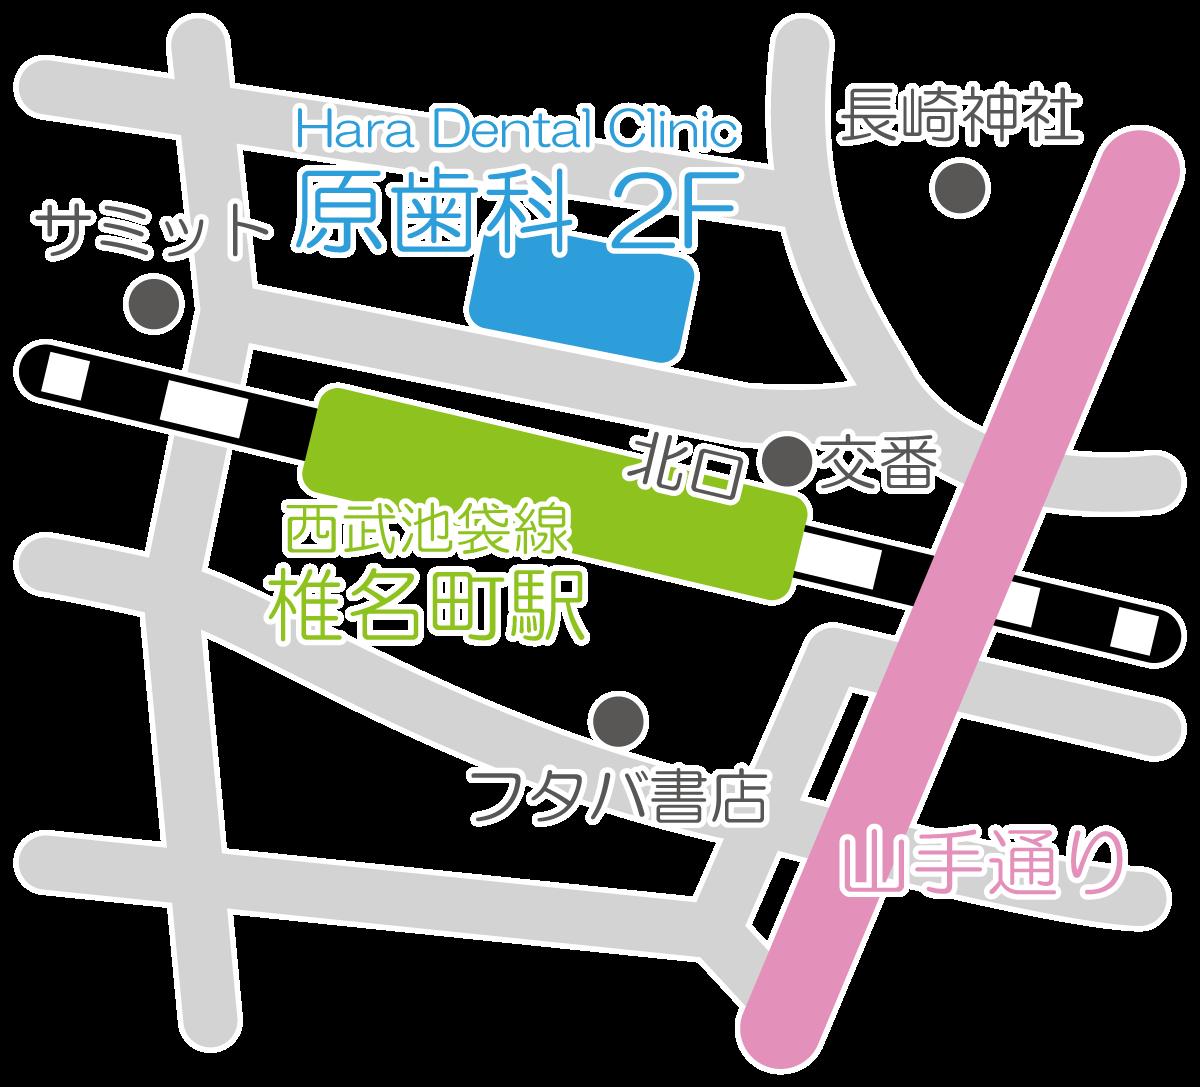 椎名町 原歯科医院 デンタルケアクリニックの地図